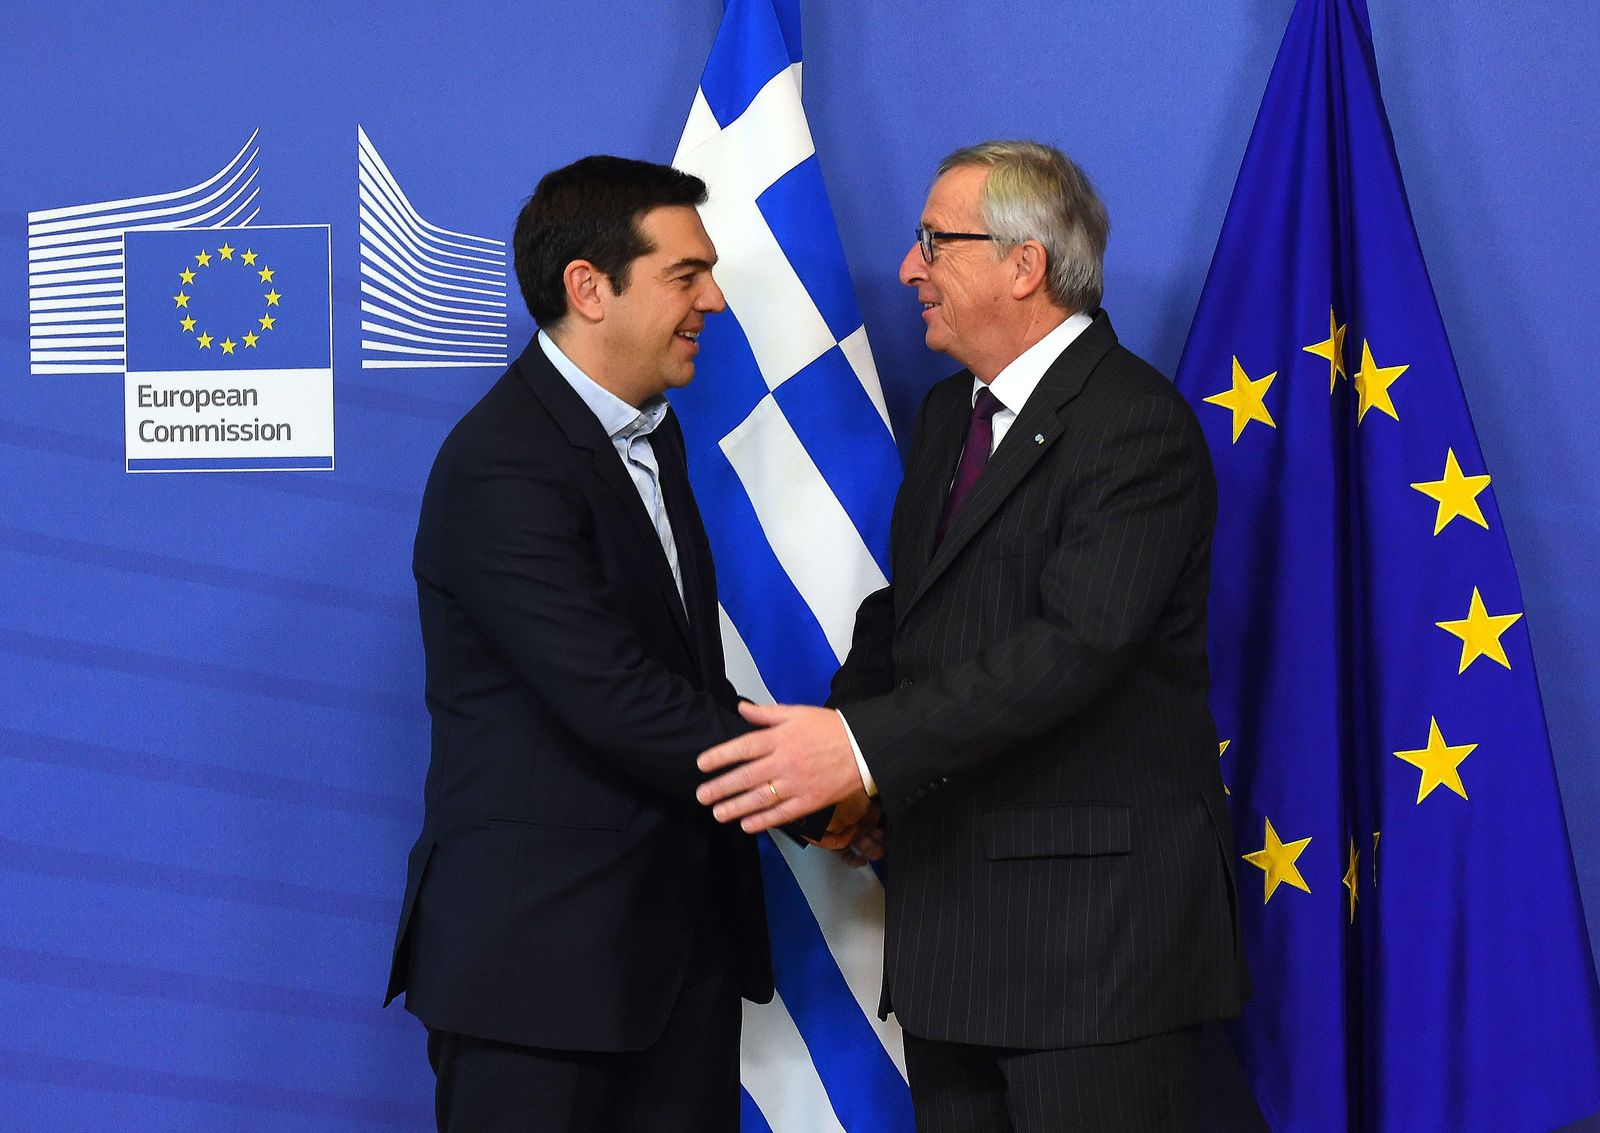 Tsipras / Juncker